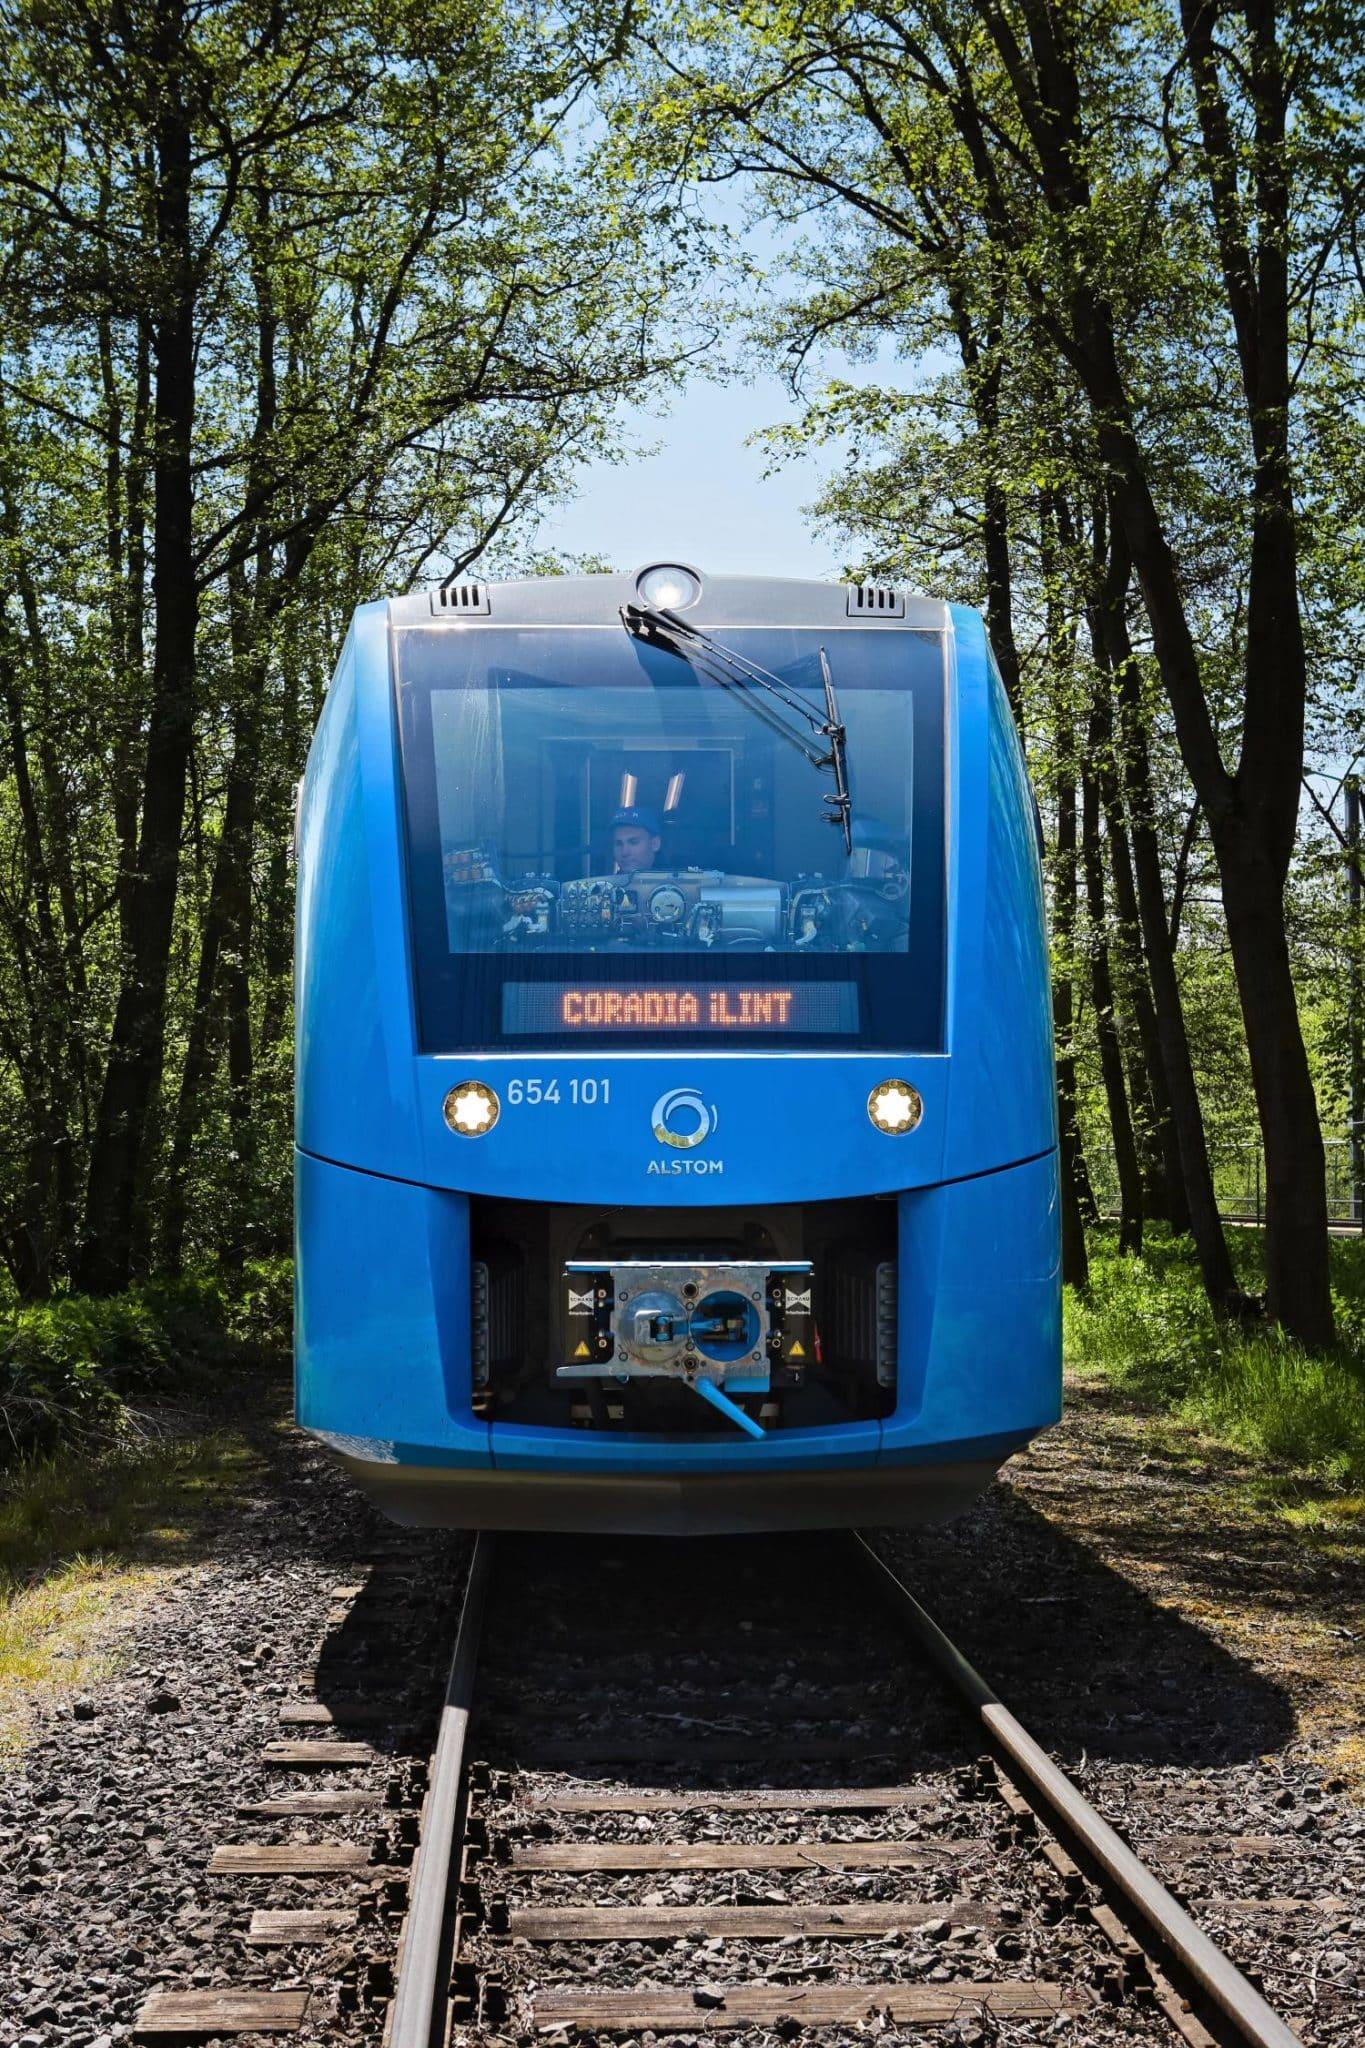 Los primeros trenes de hidrógeno del mundo completan con éxito su periodo de pruebas 1